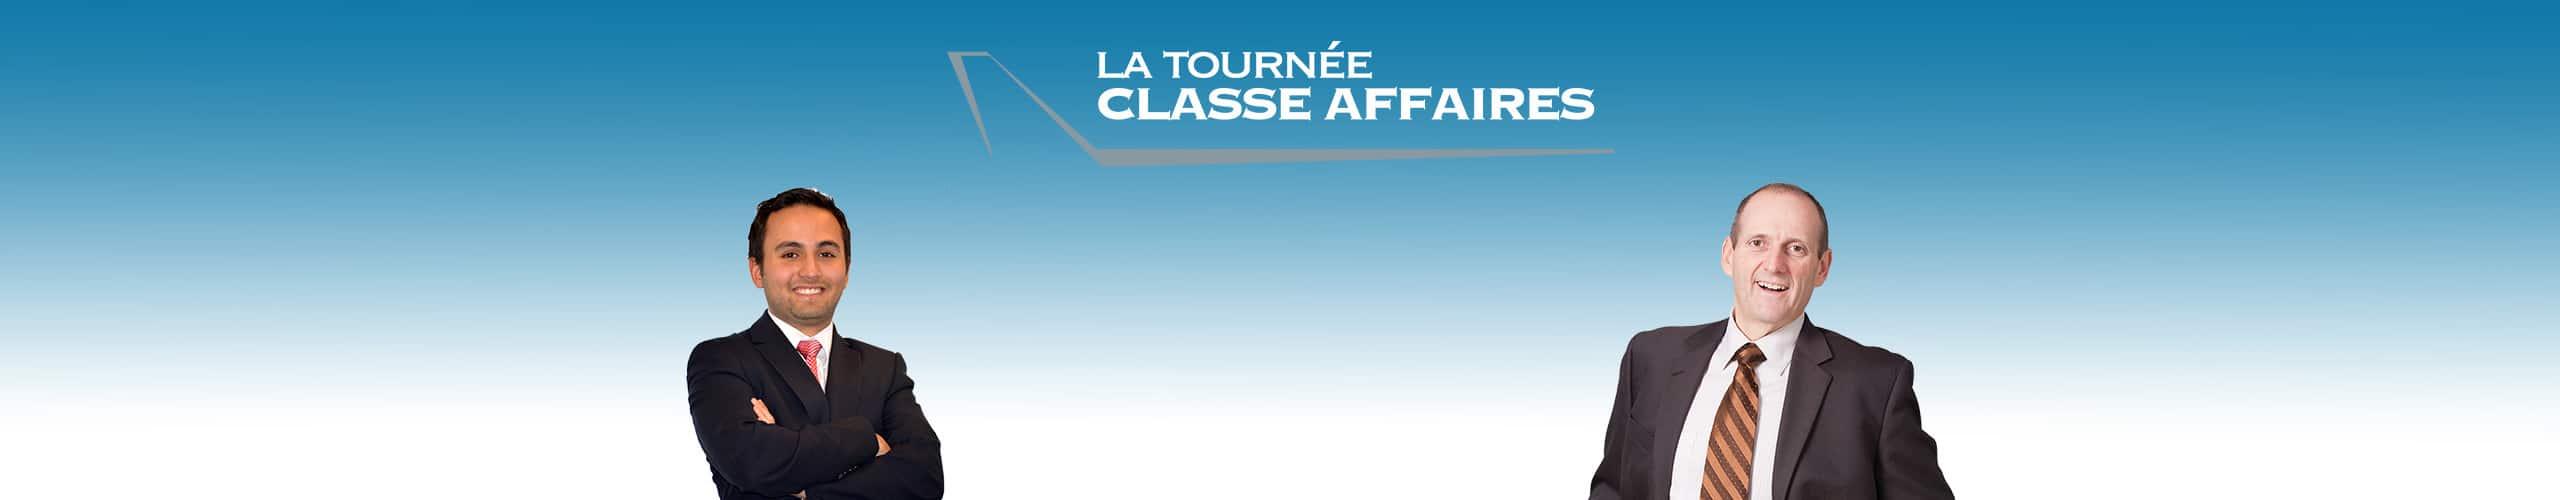 Conférenciers Québec, Formation, Motivation et Team Building - Formax - Accueil - Formax Équipe de conférenciers